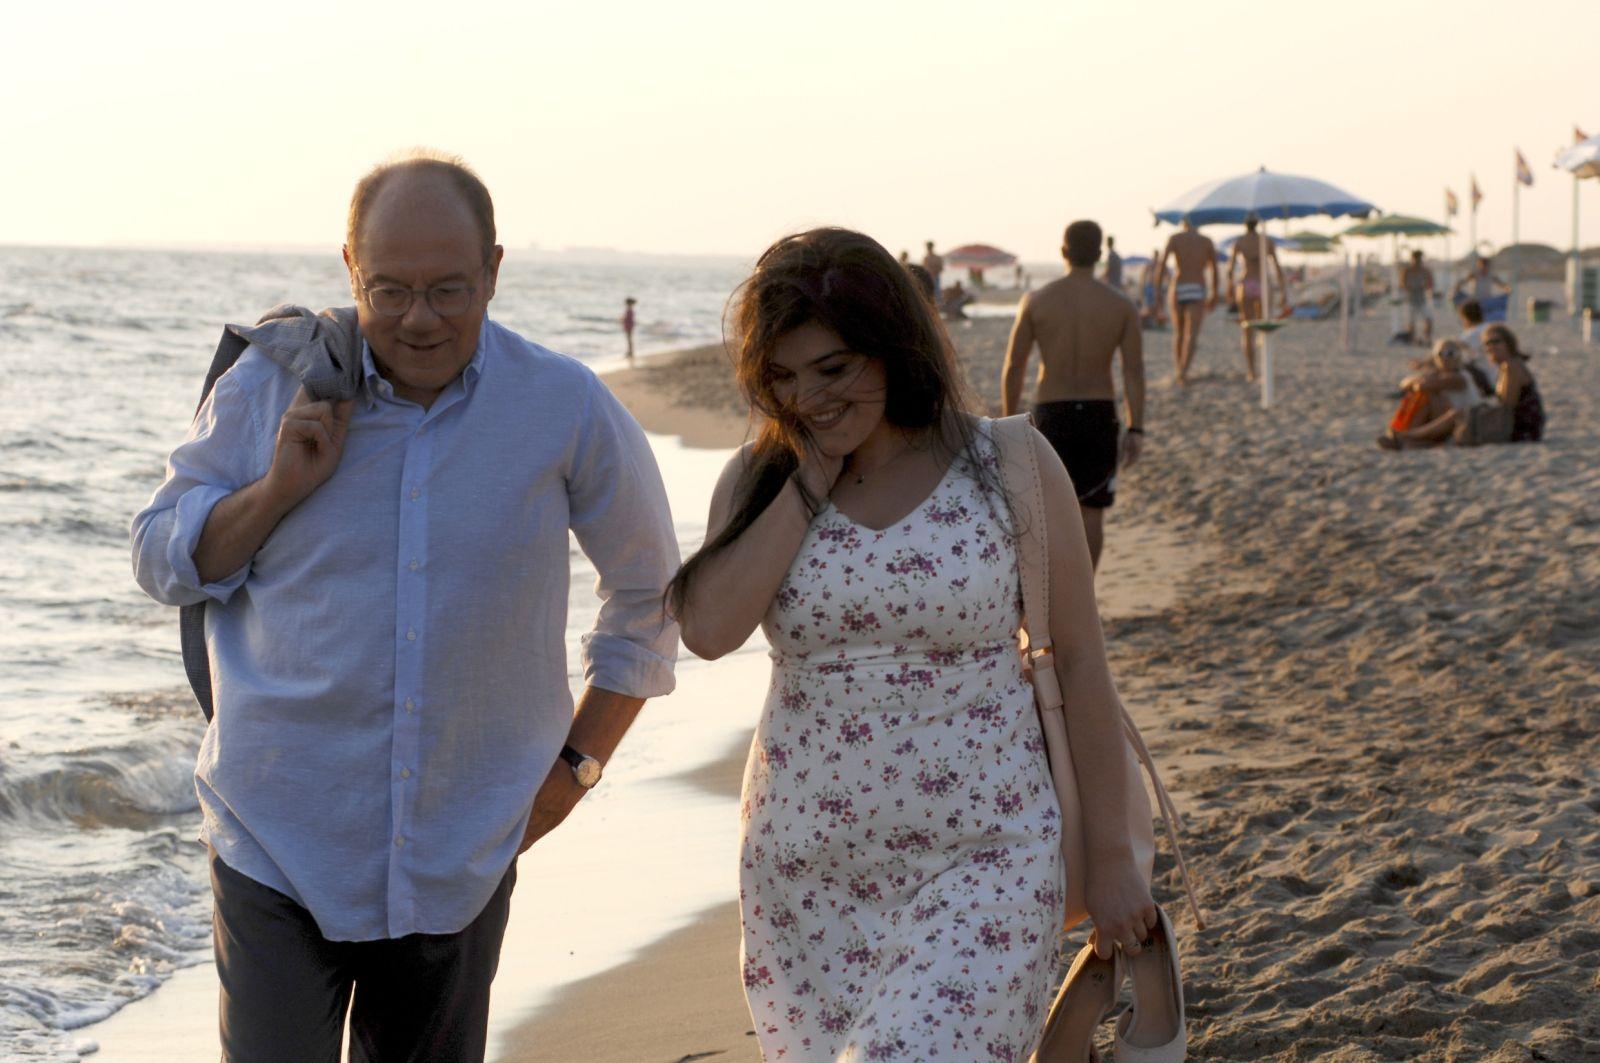 L'abbiamo fatta grossa: Carlo Verdone e Anna Kasyan in un momento del film